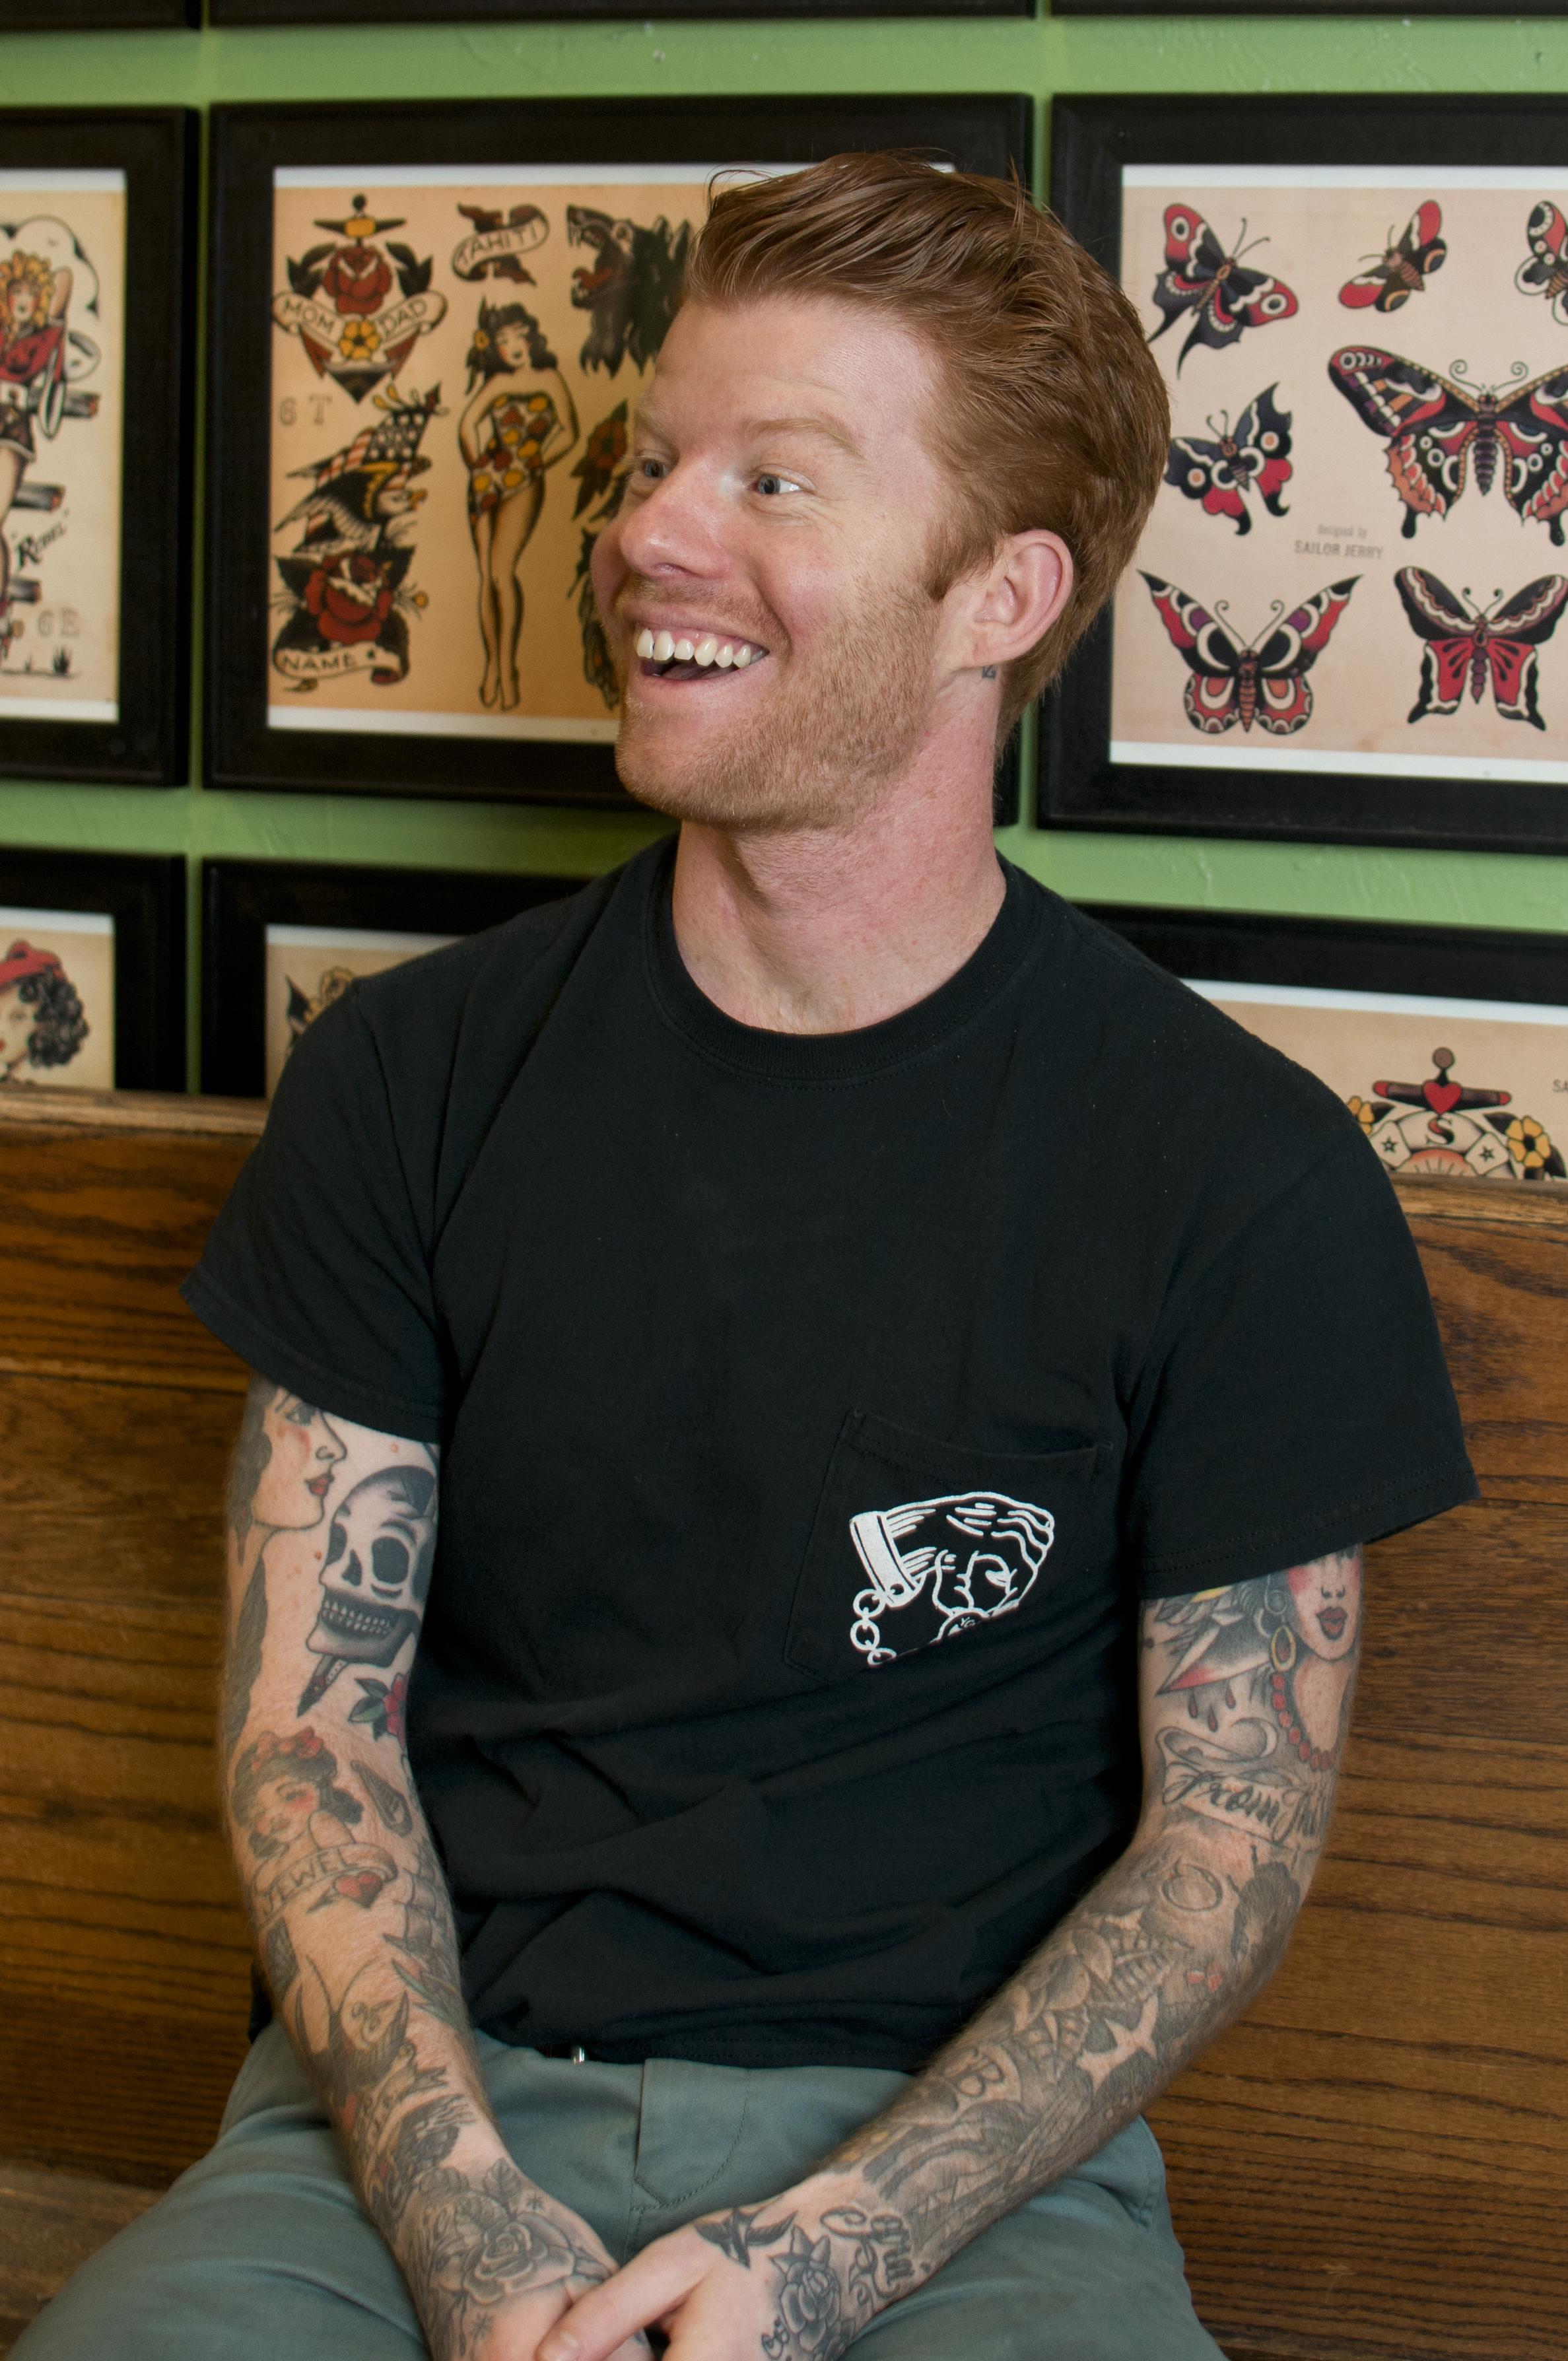 Max Becker: Tattoo apprentice